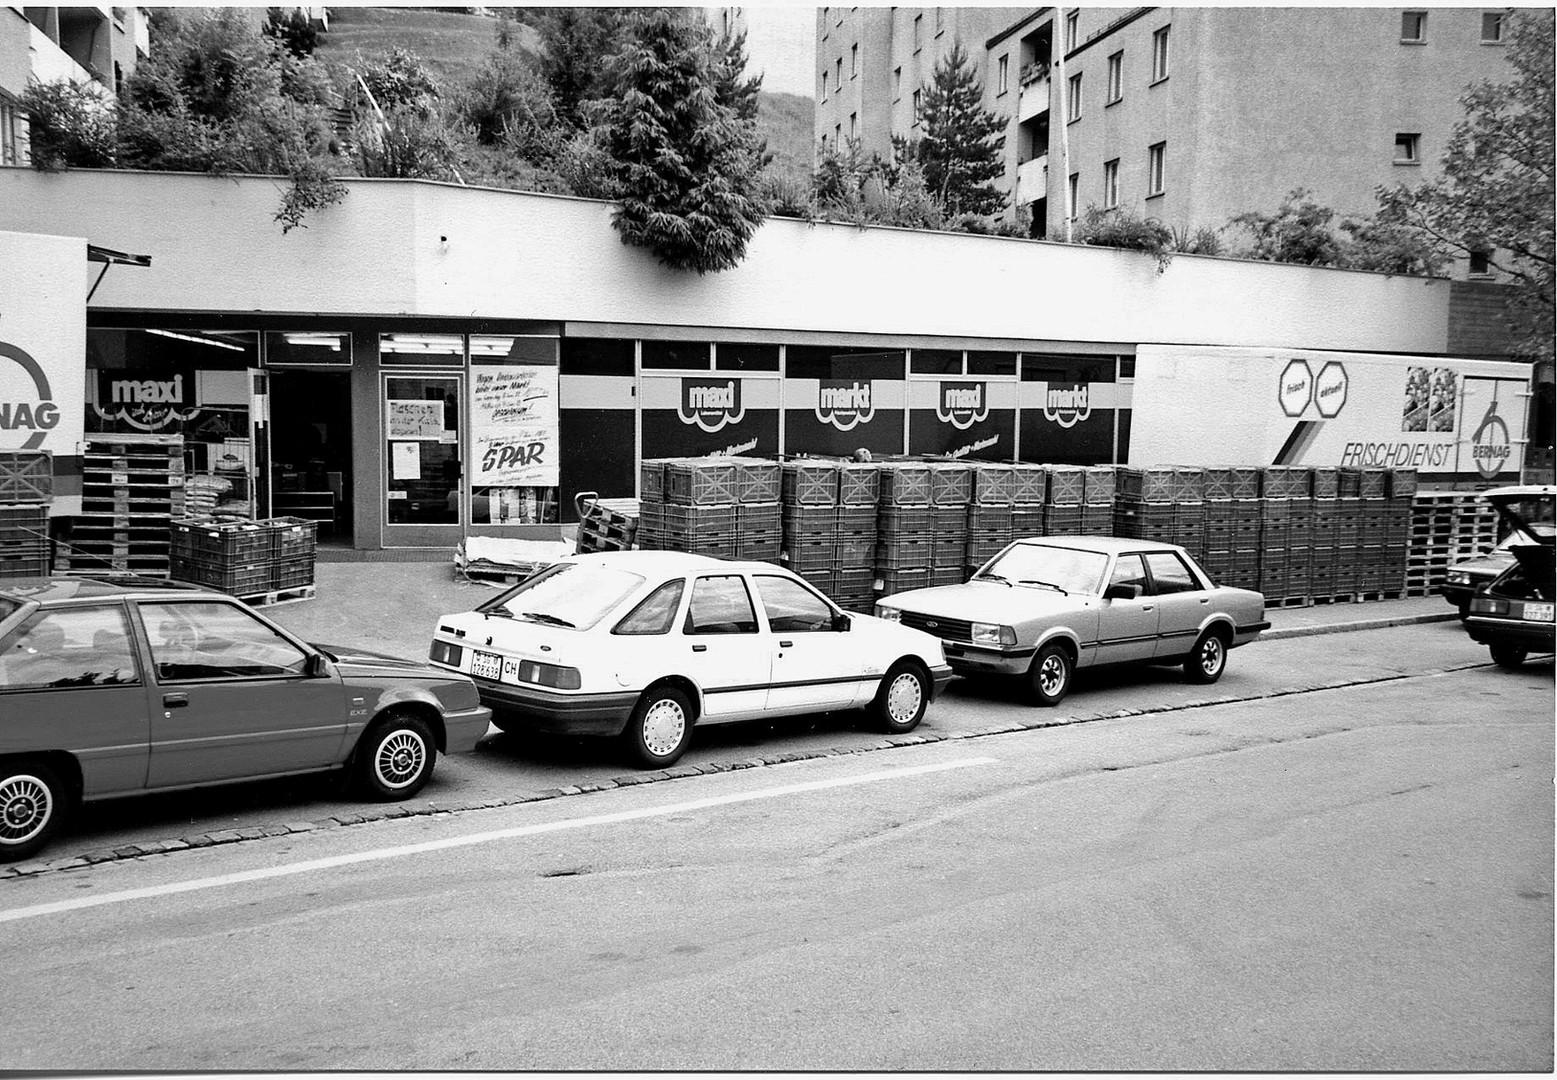 2009-02-09. Foto Archiv EBG St.Gallen. 2